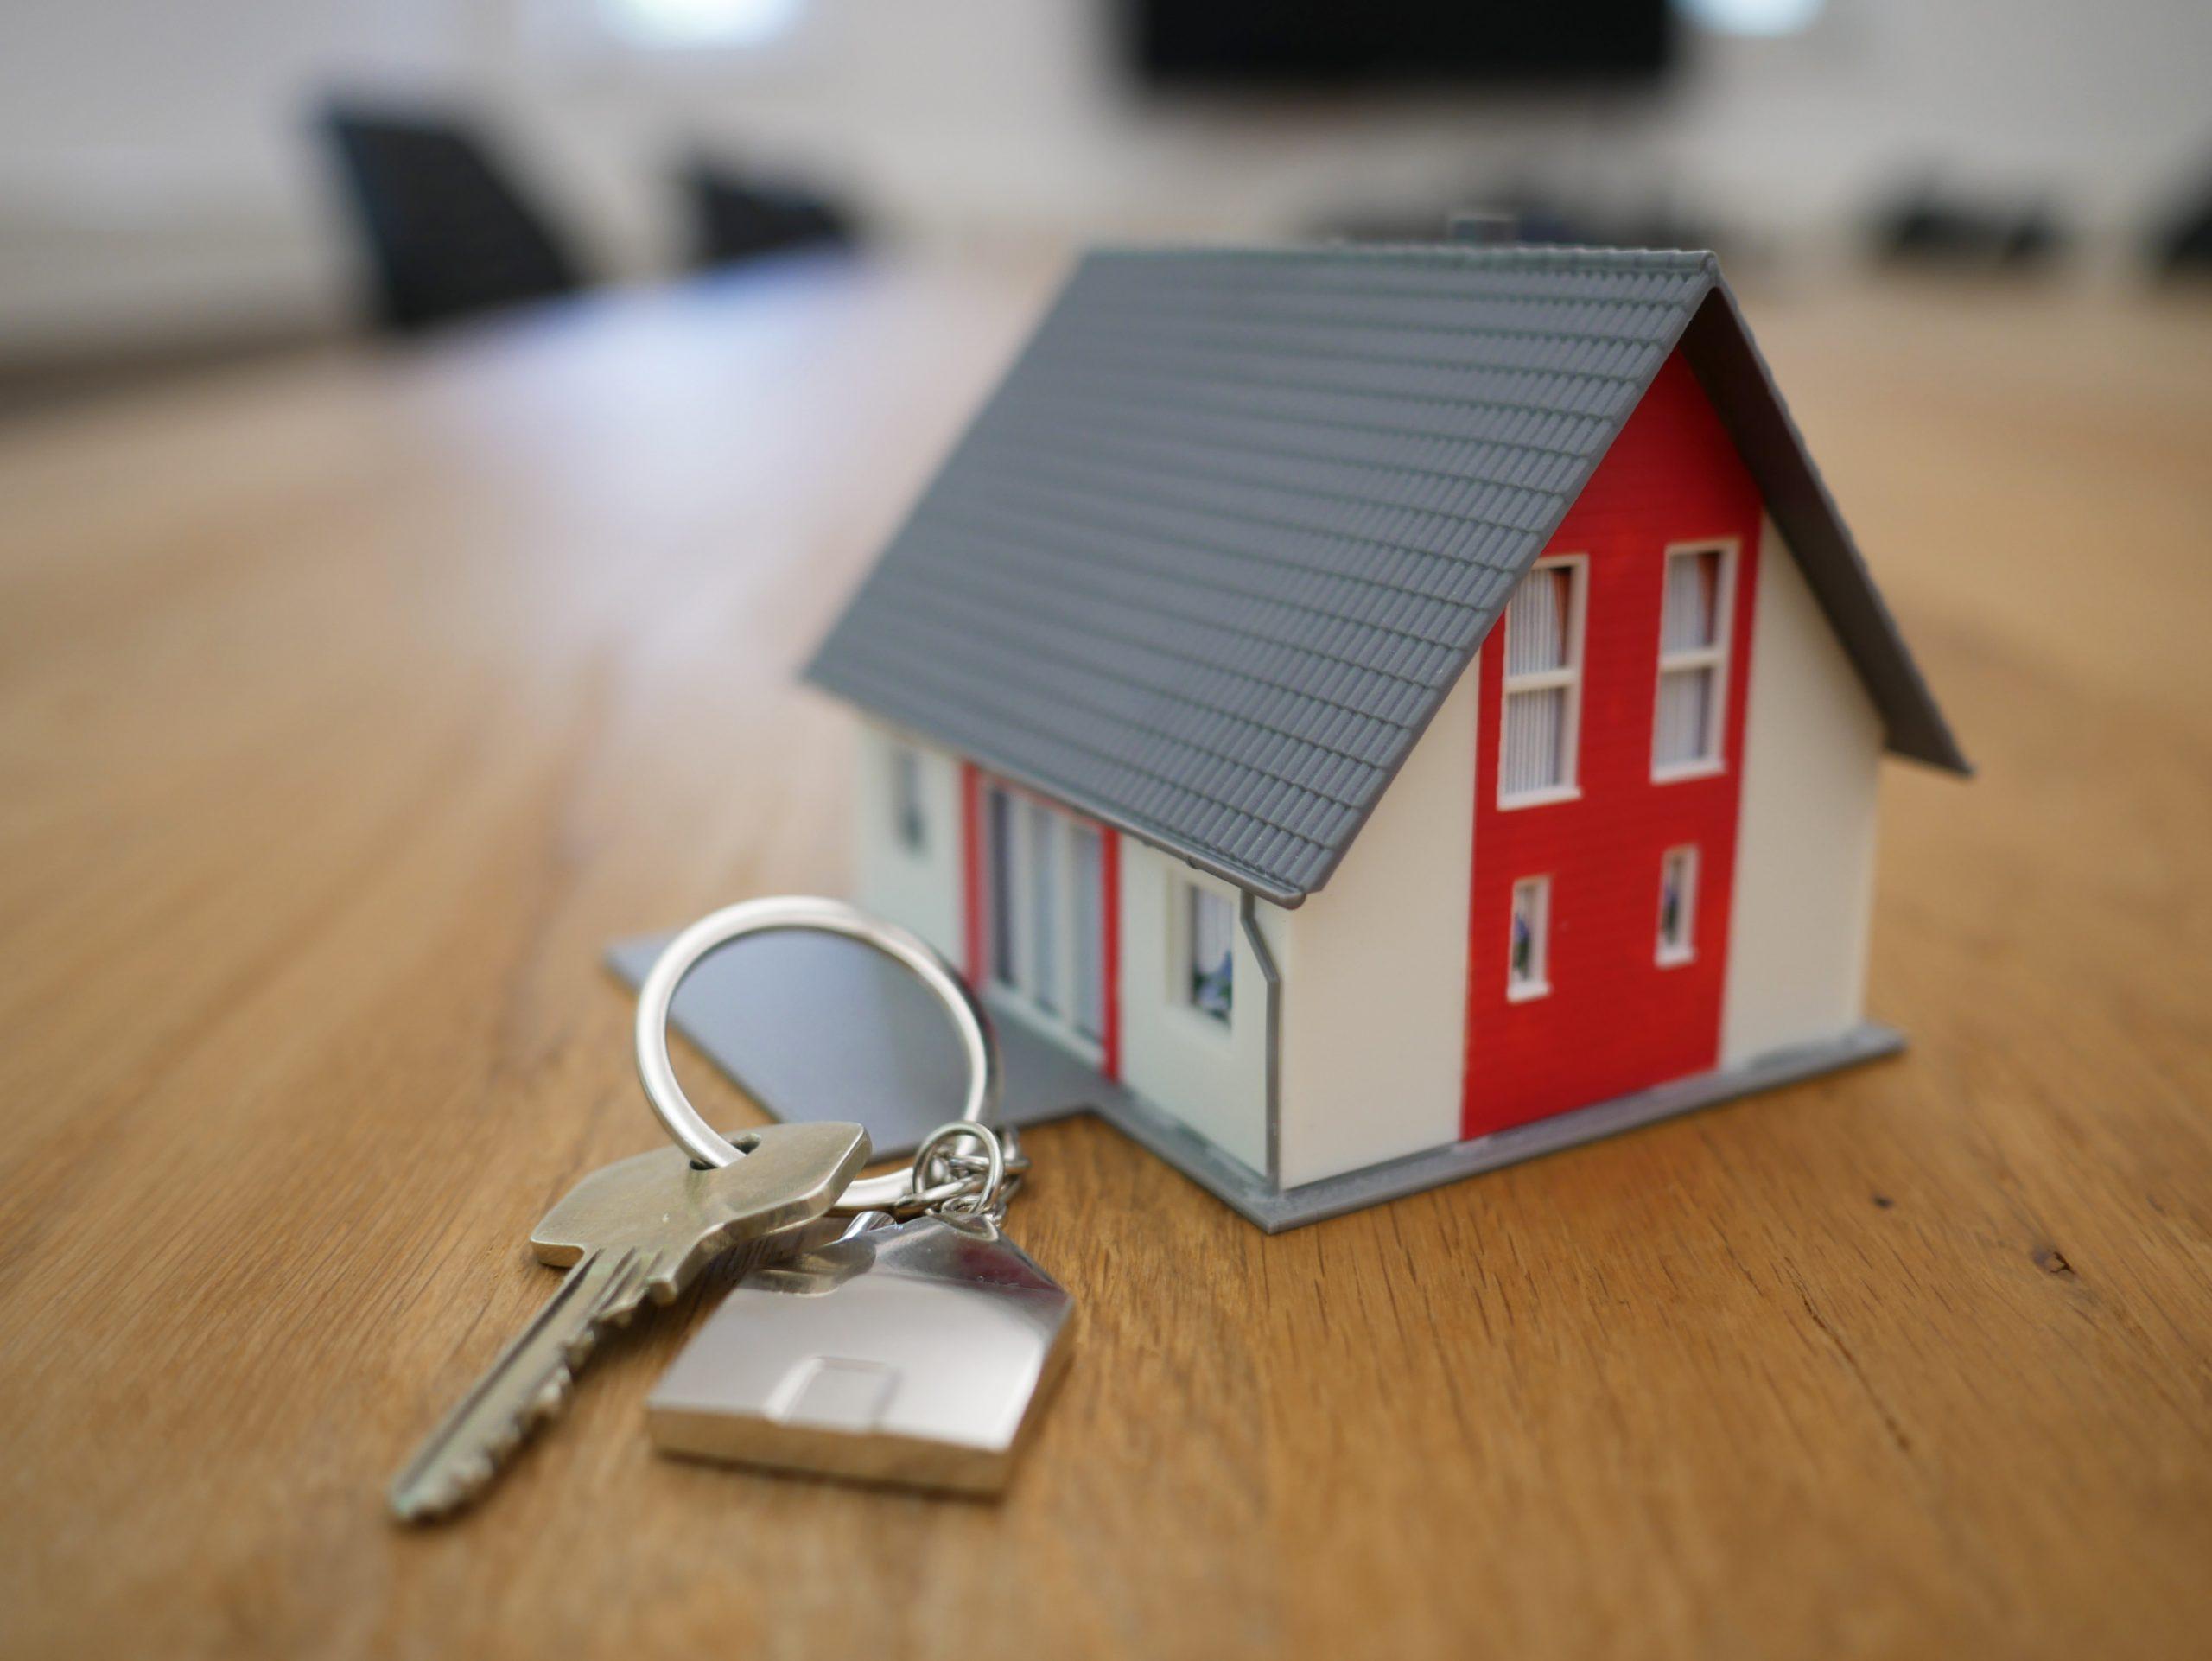 Miniatúra domčeka a kľúče